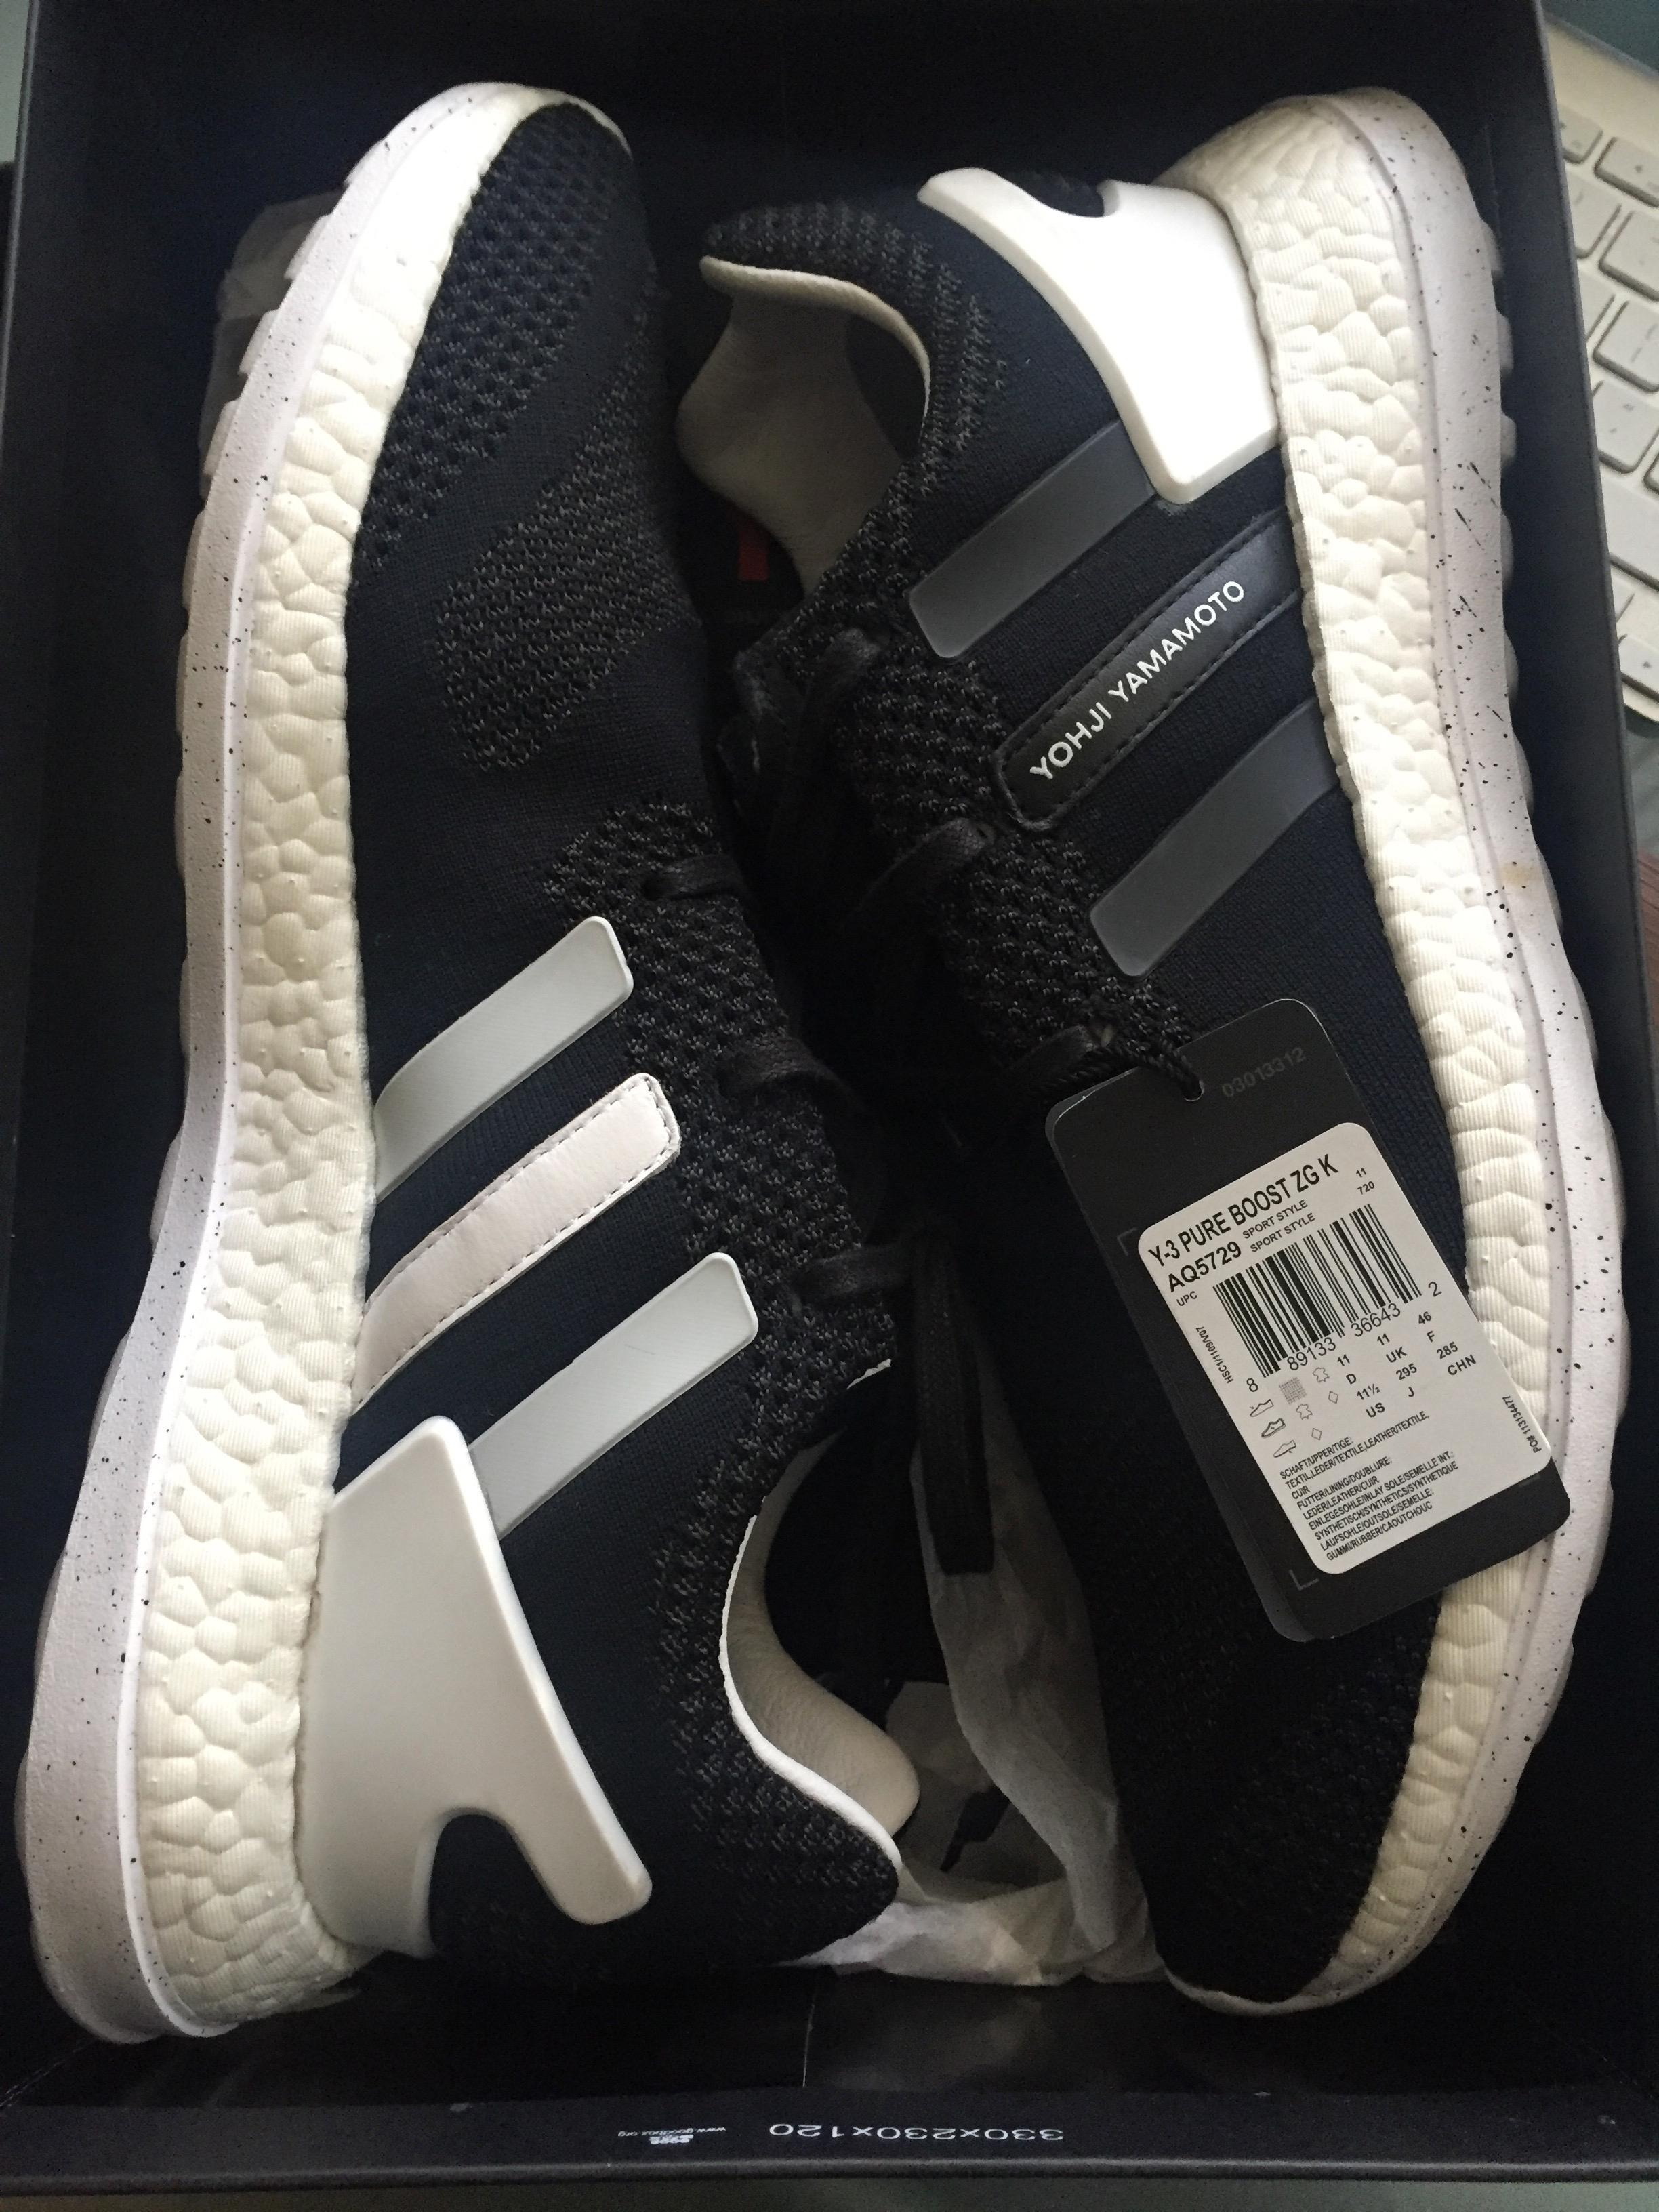 6e2e6868b058 Y-3 Adidas Y-3 Pure Boost Zg Knit Yohji Yamamoto 12 Core Black White ...